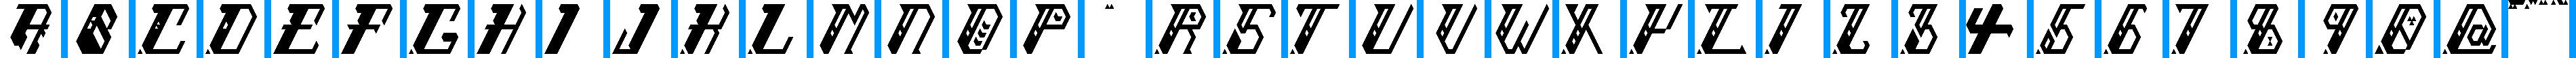 Particip-a-type v.296